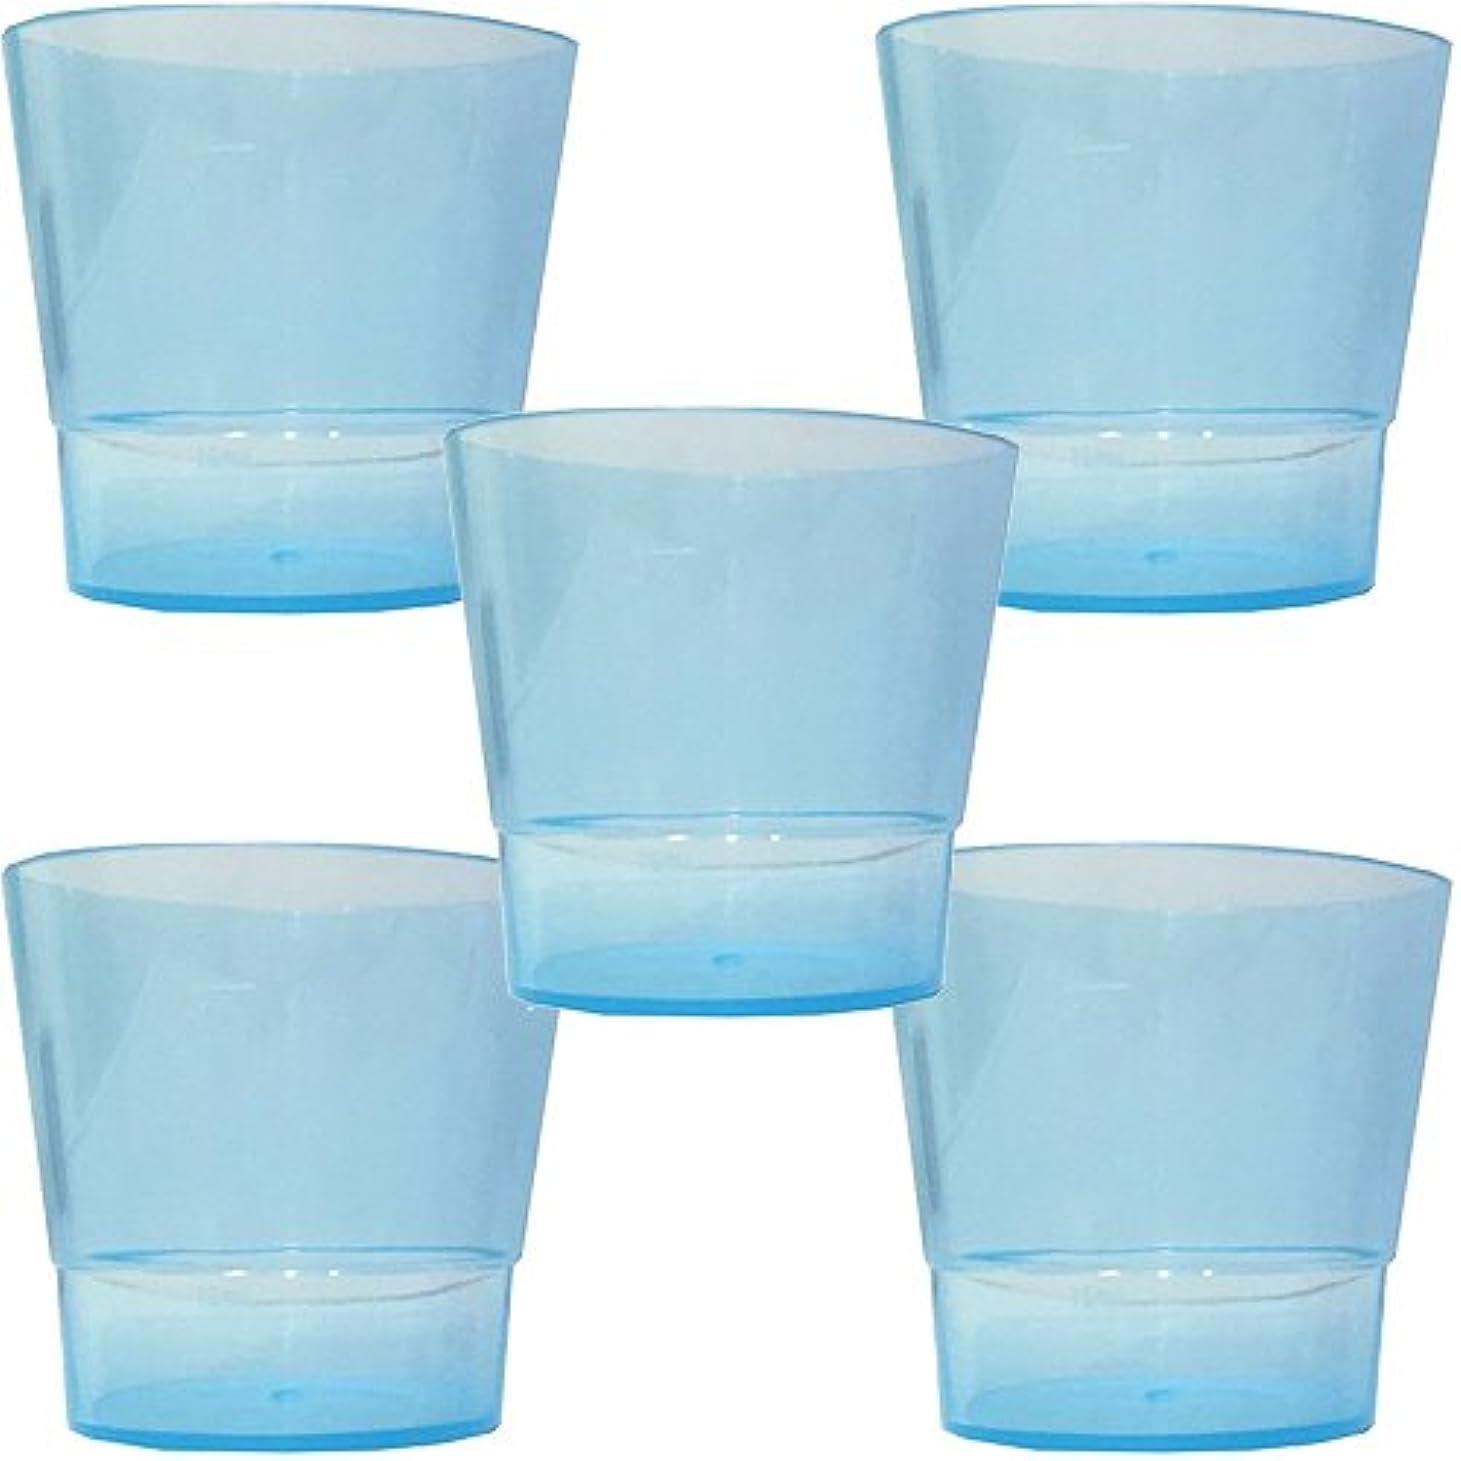 カナダコンサート同化洗口コップ (少量洗口専用コップ) (ブルー 5個)